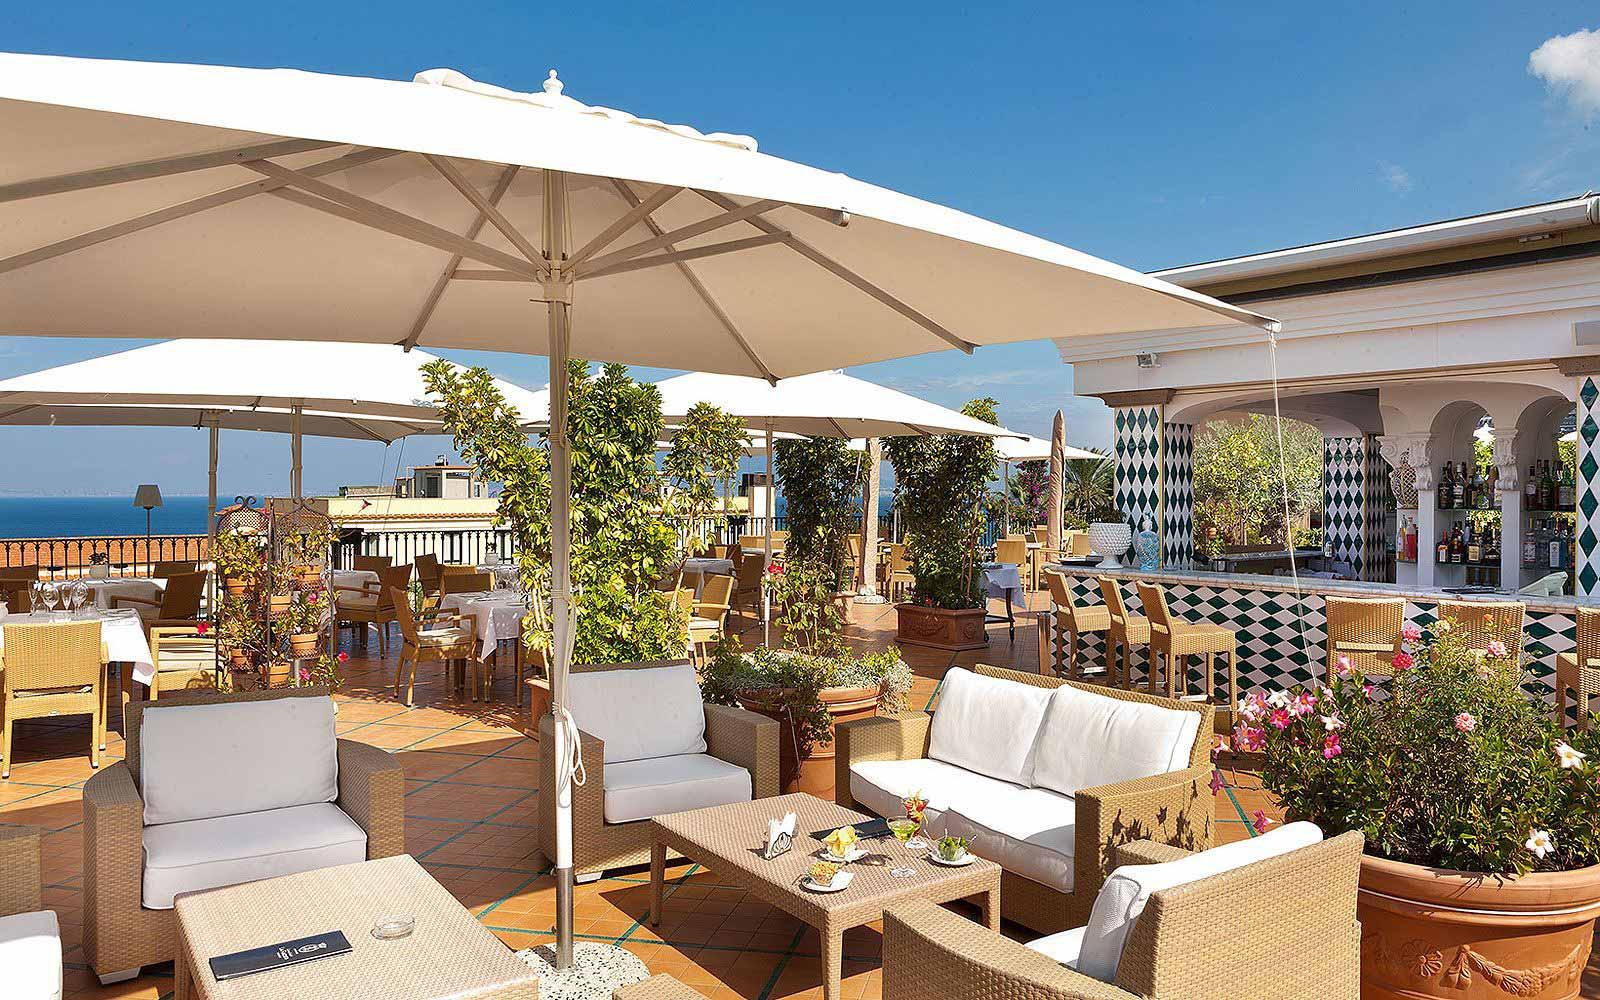 Bellavista snack terrace at the Grand Hotel La Favorita